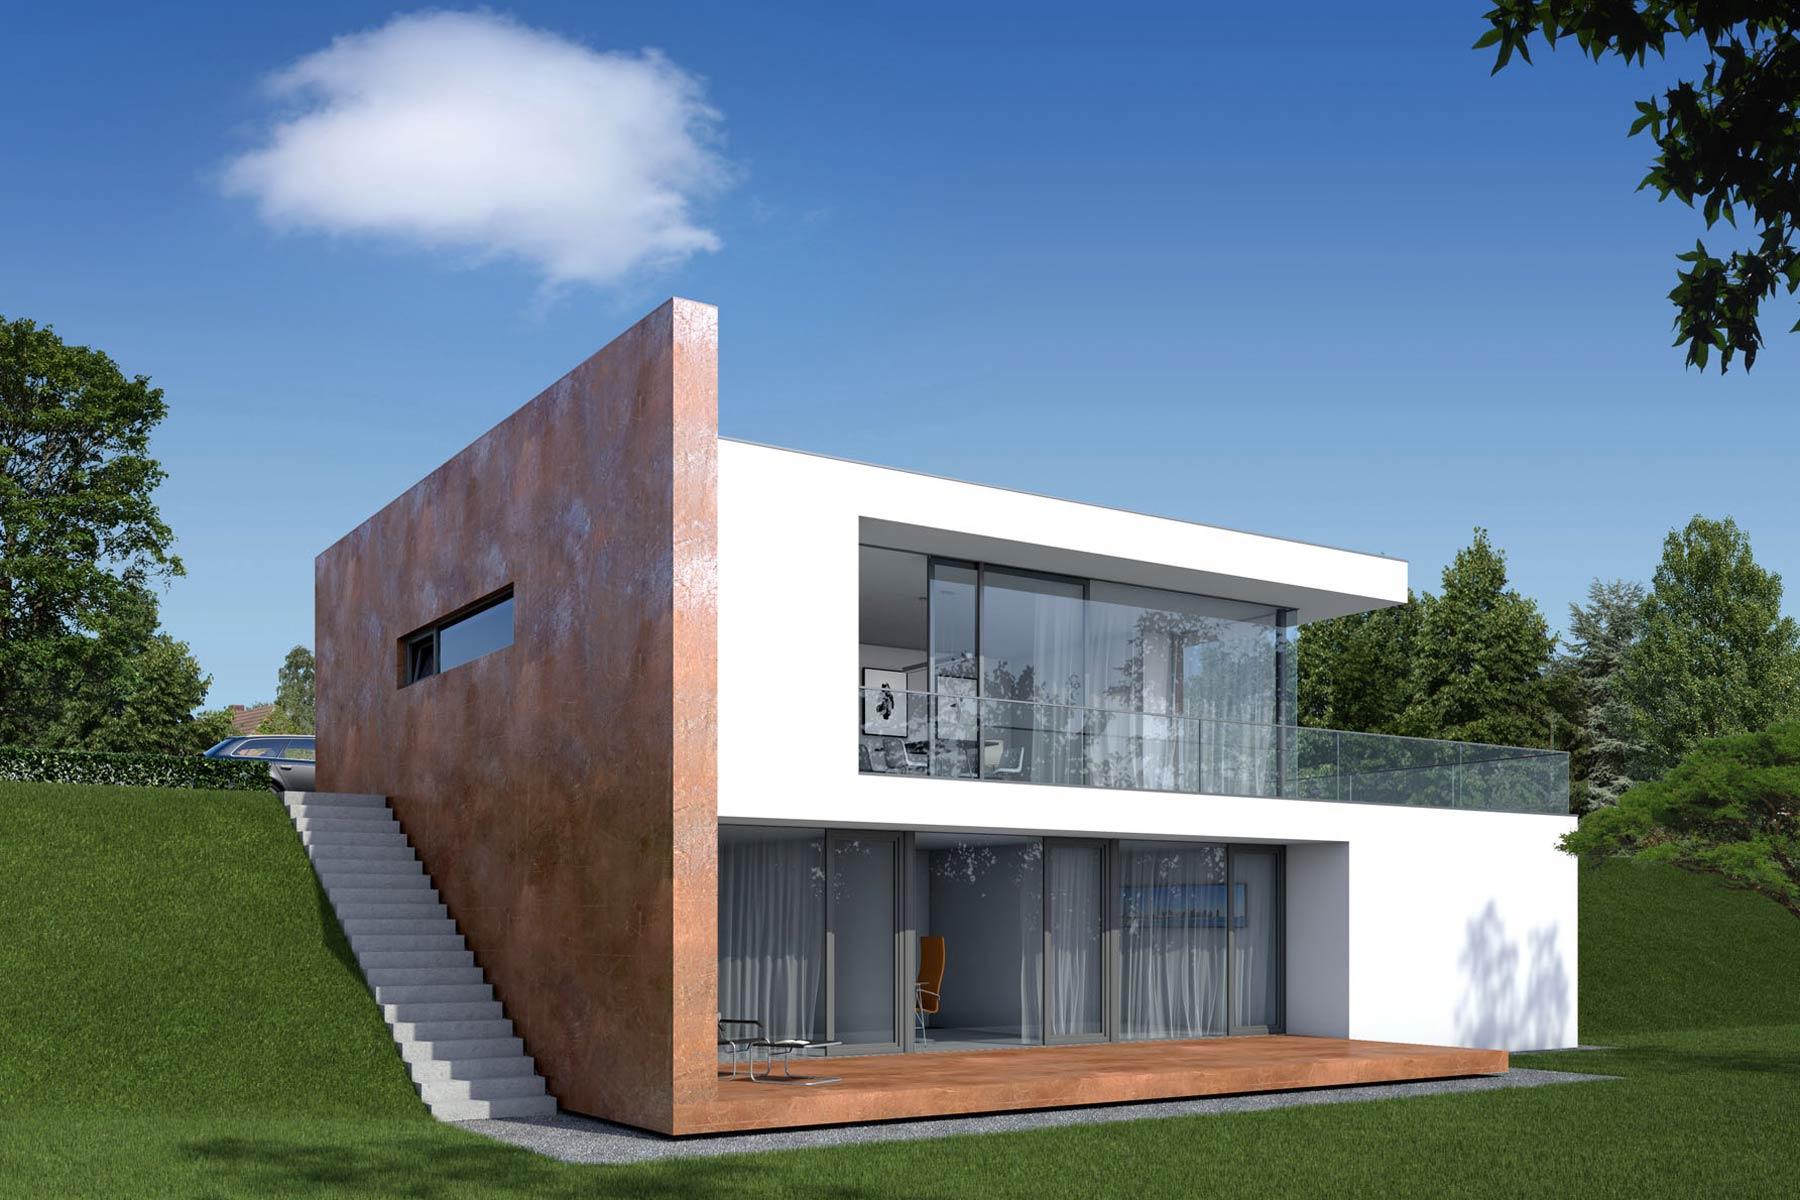 Wohnhäuser riesengebirgsstrasse visualisierung perspektive südwesten